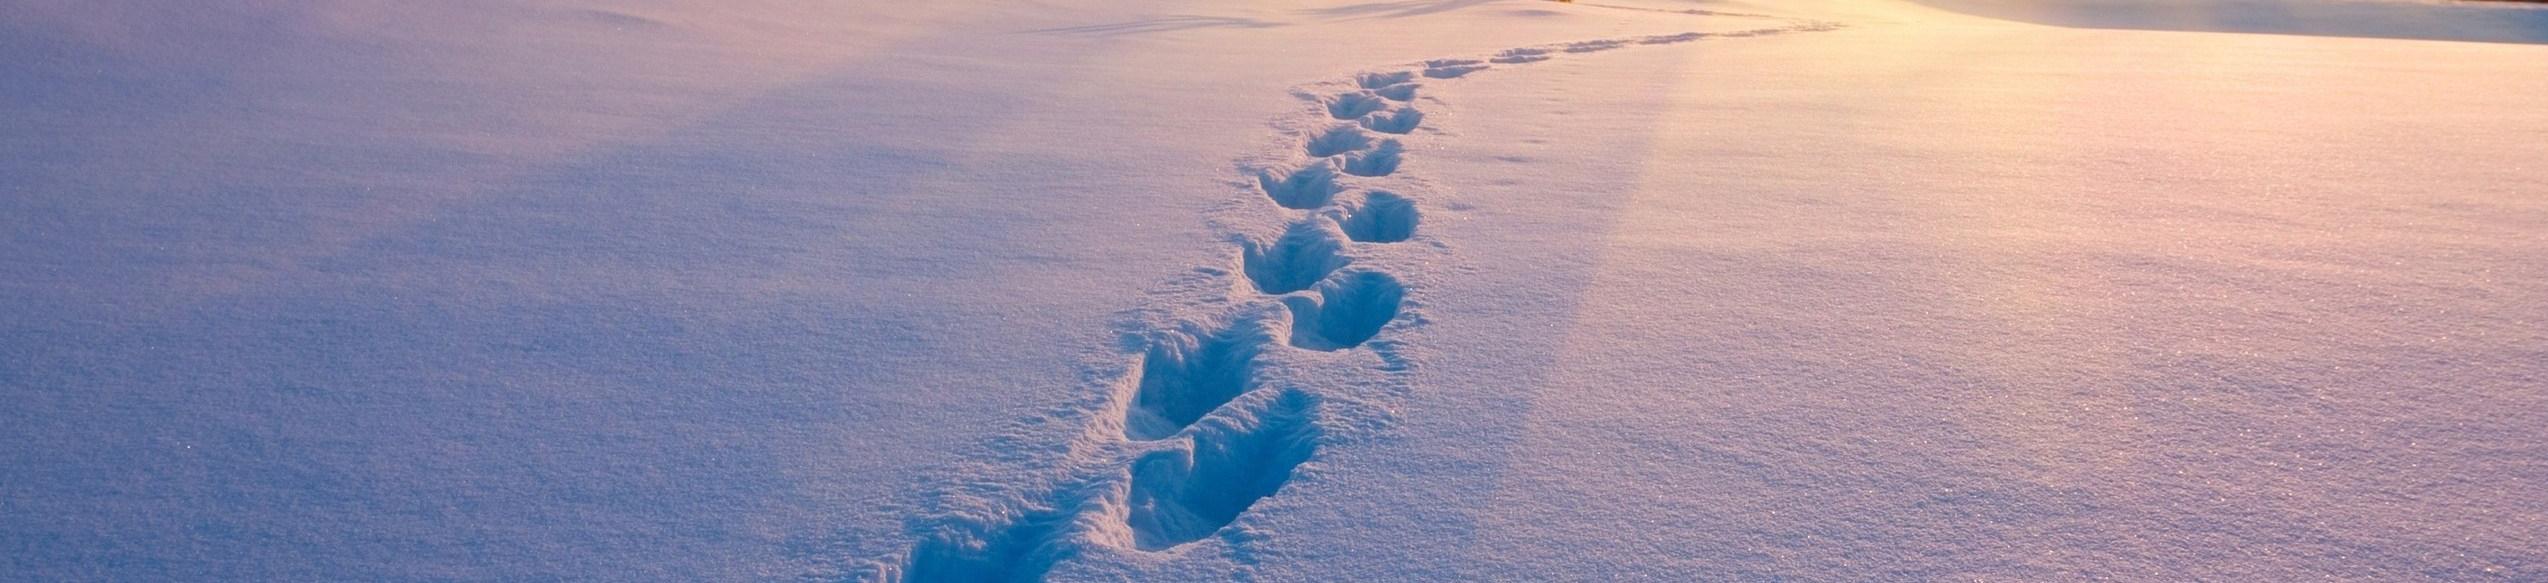 Footprints in Snow 2